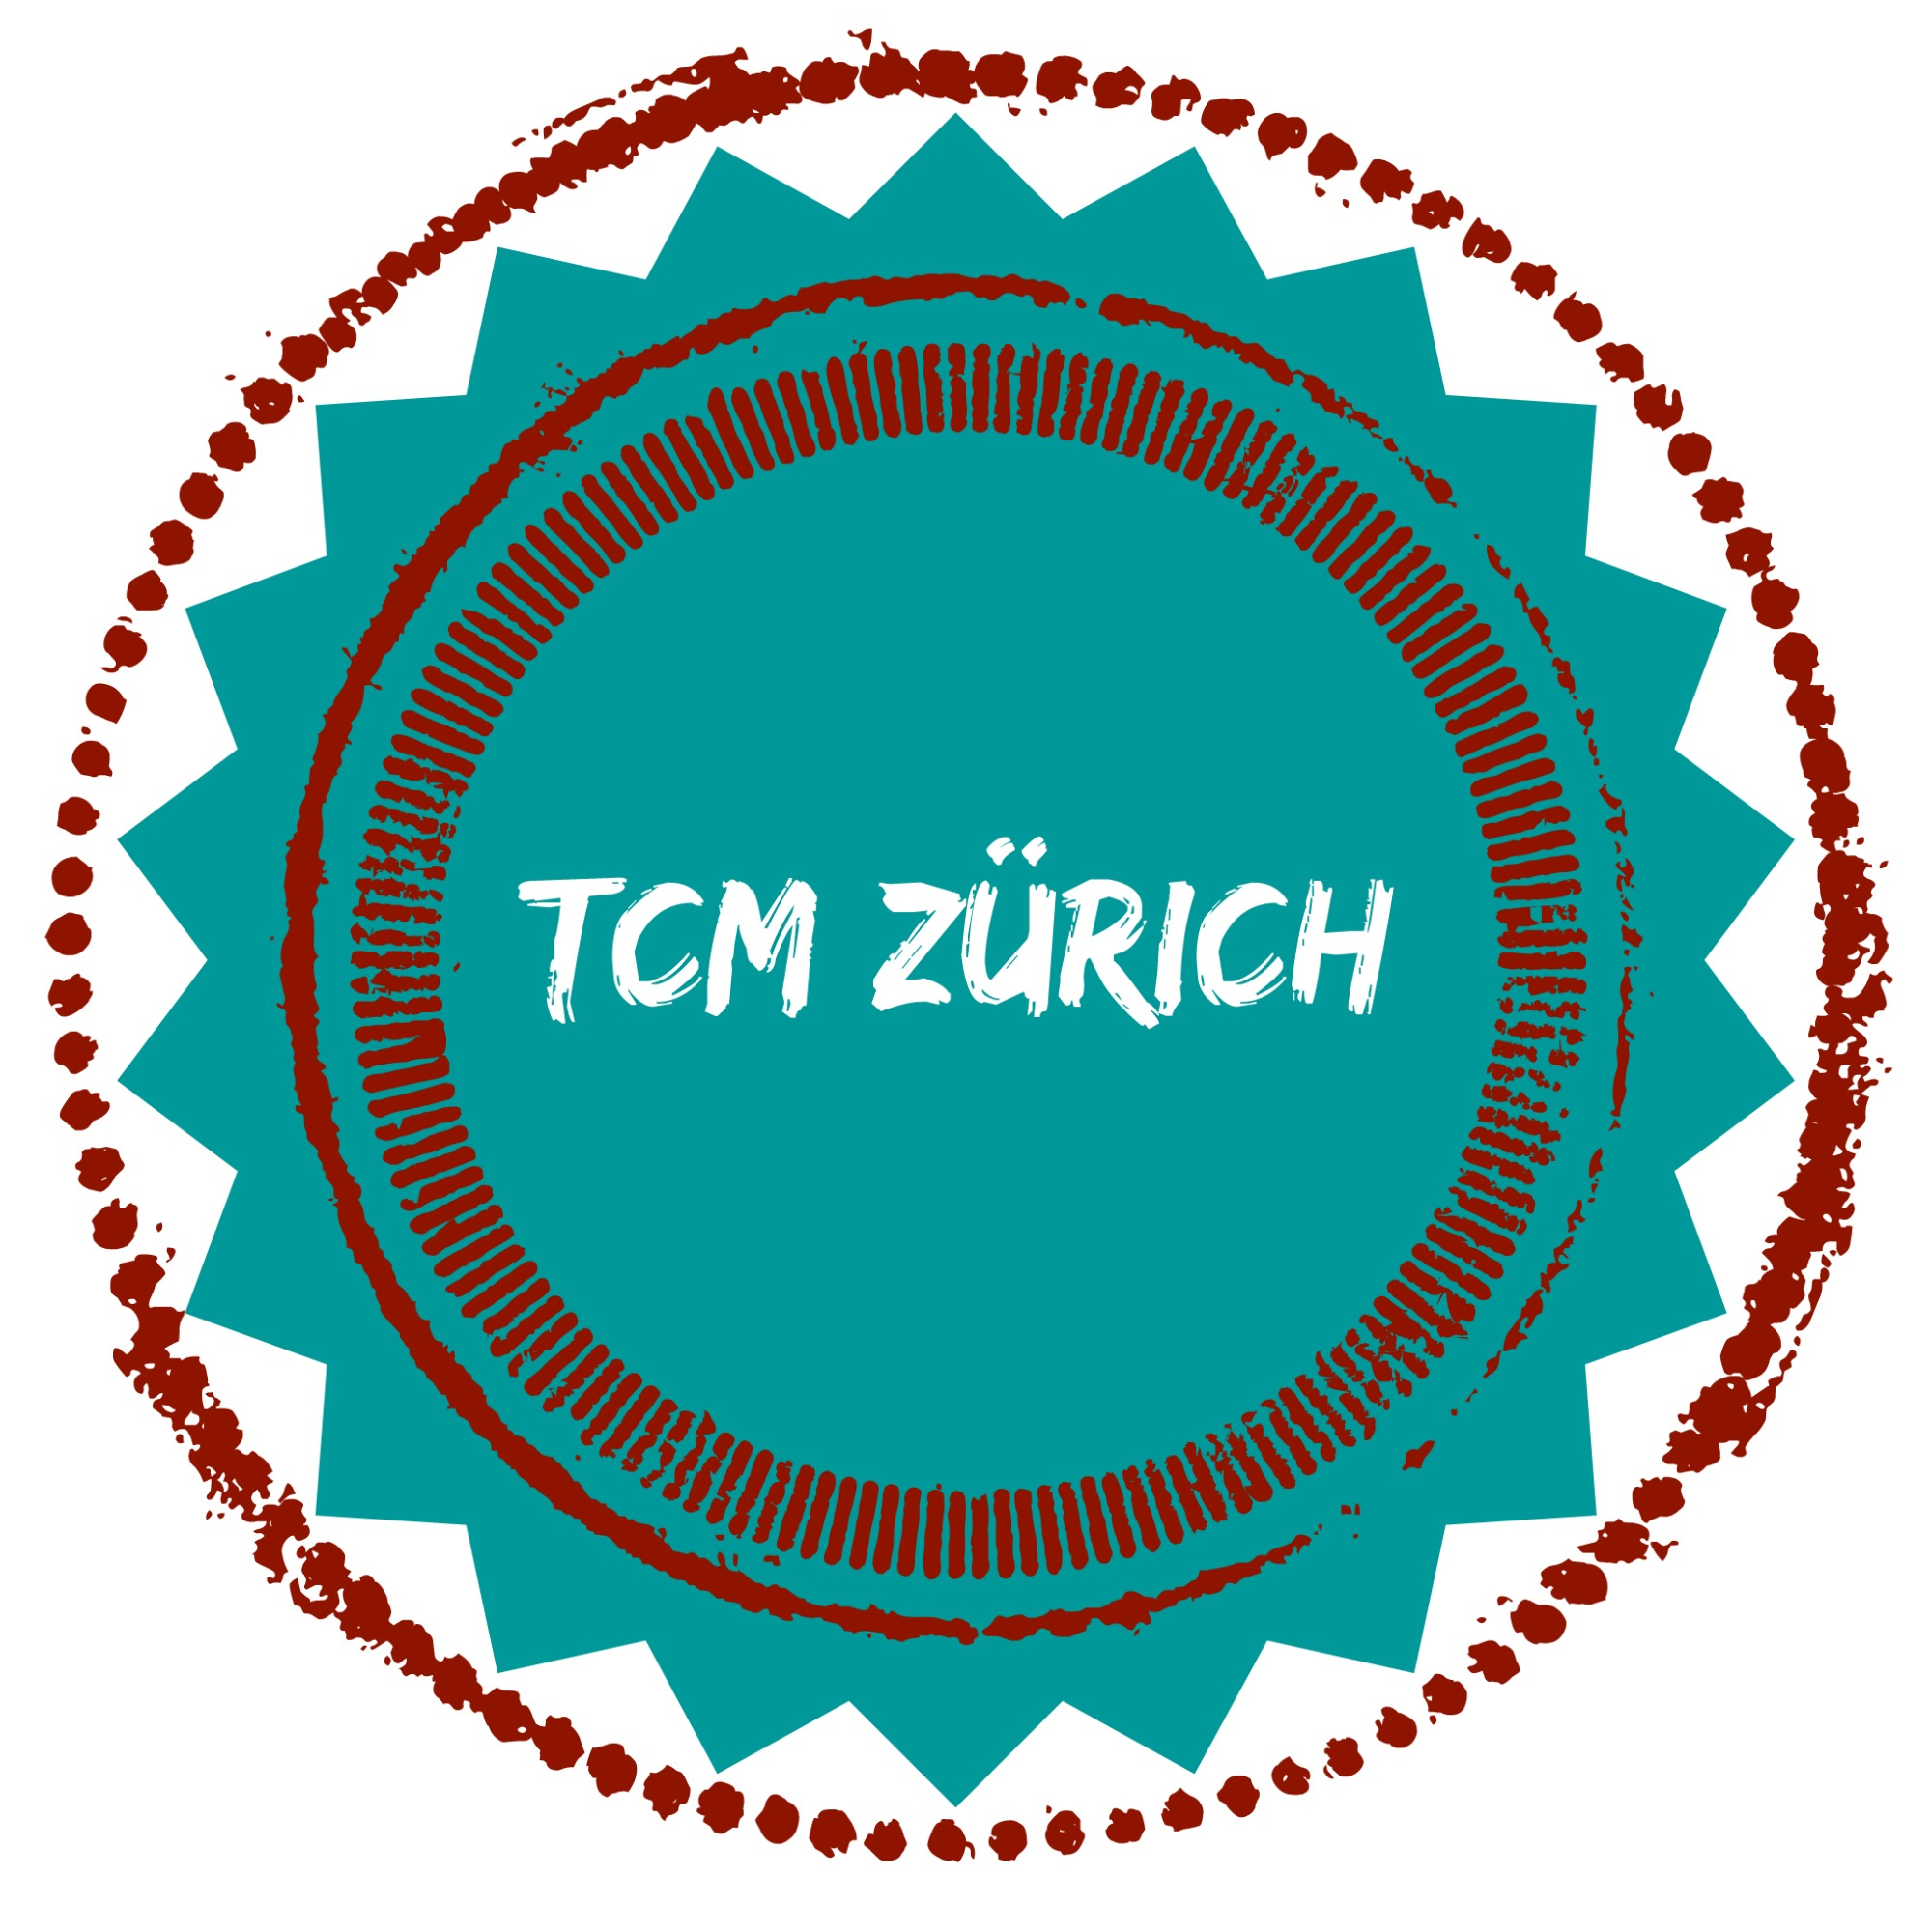 TCM Zürich